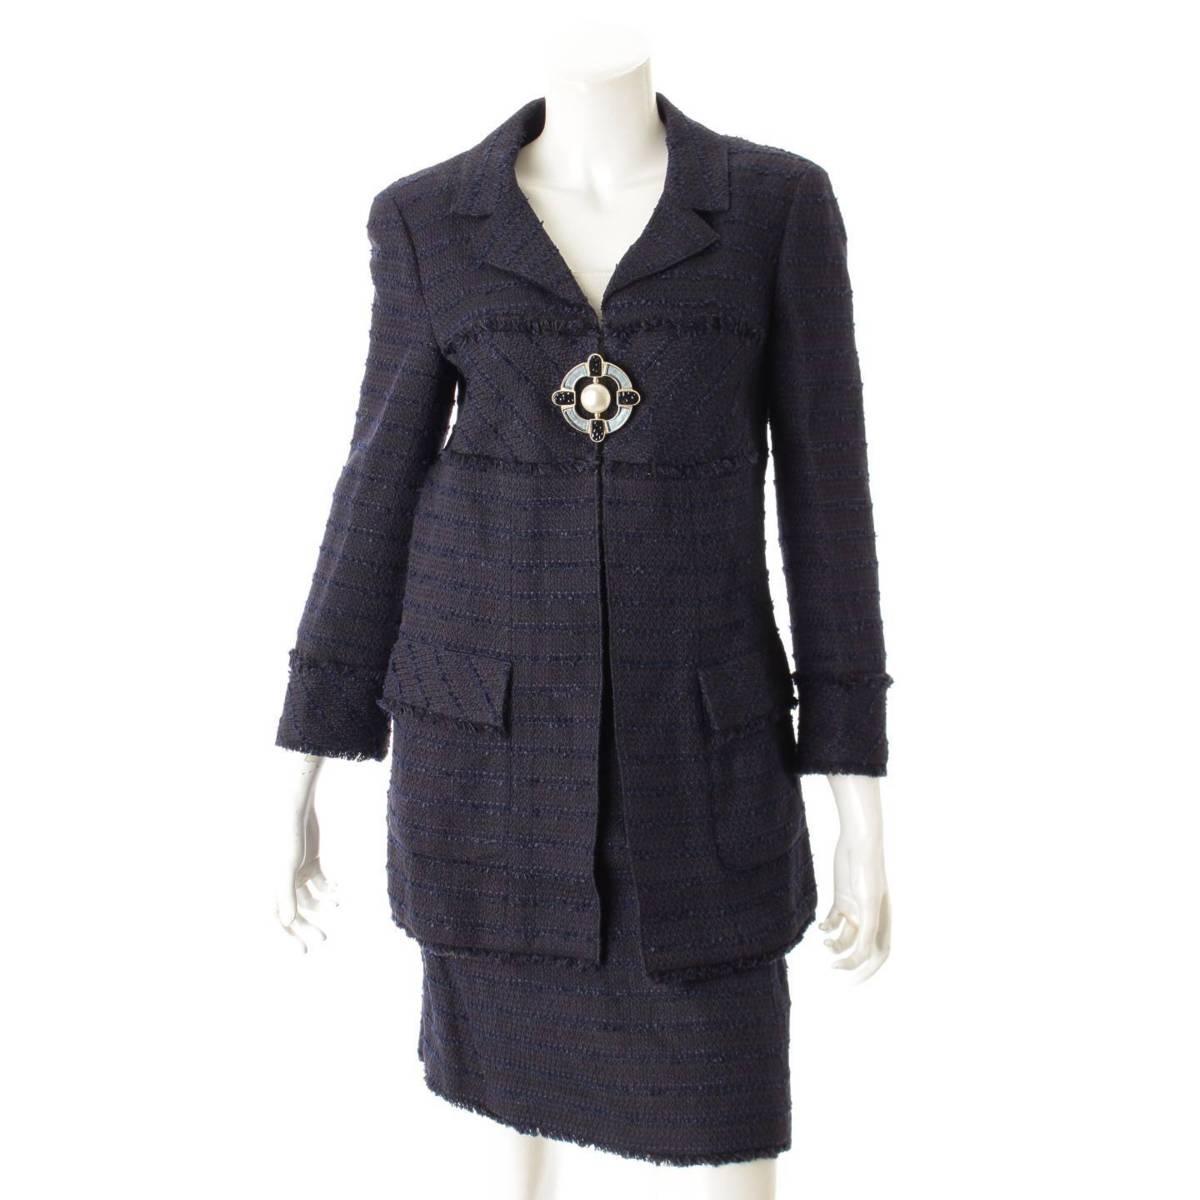 【シャネル】Chanel 07A ツイード ジャケット スカート P31329 P31379 ネイビー 40 38 【中古】【鑑定済・正規品保証】82977